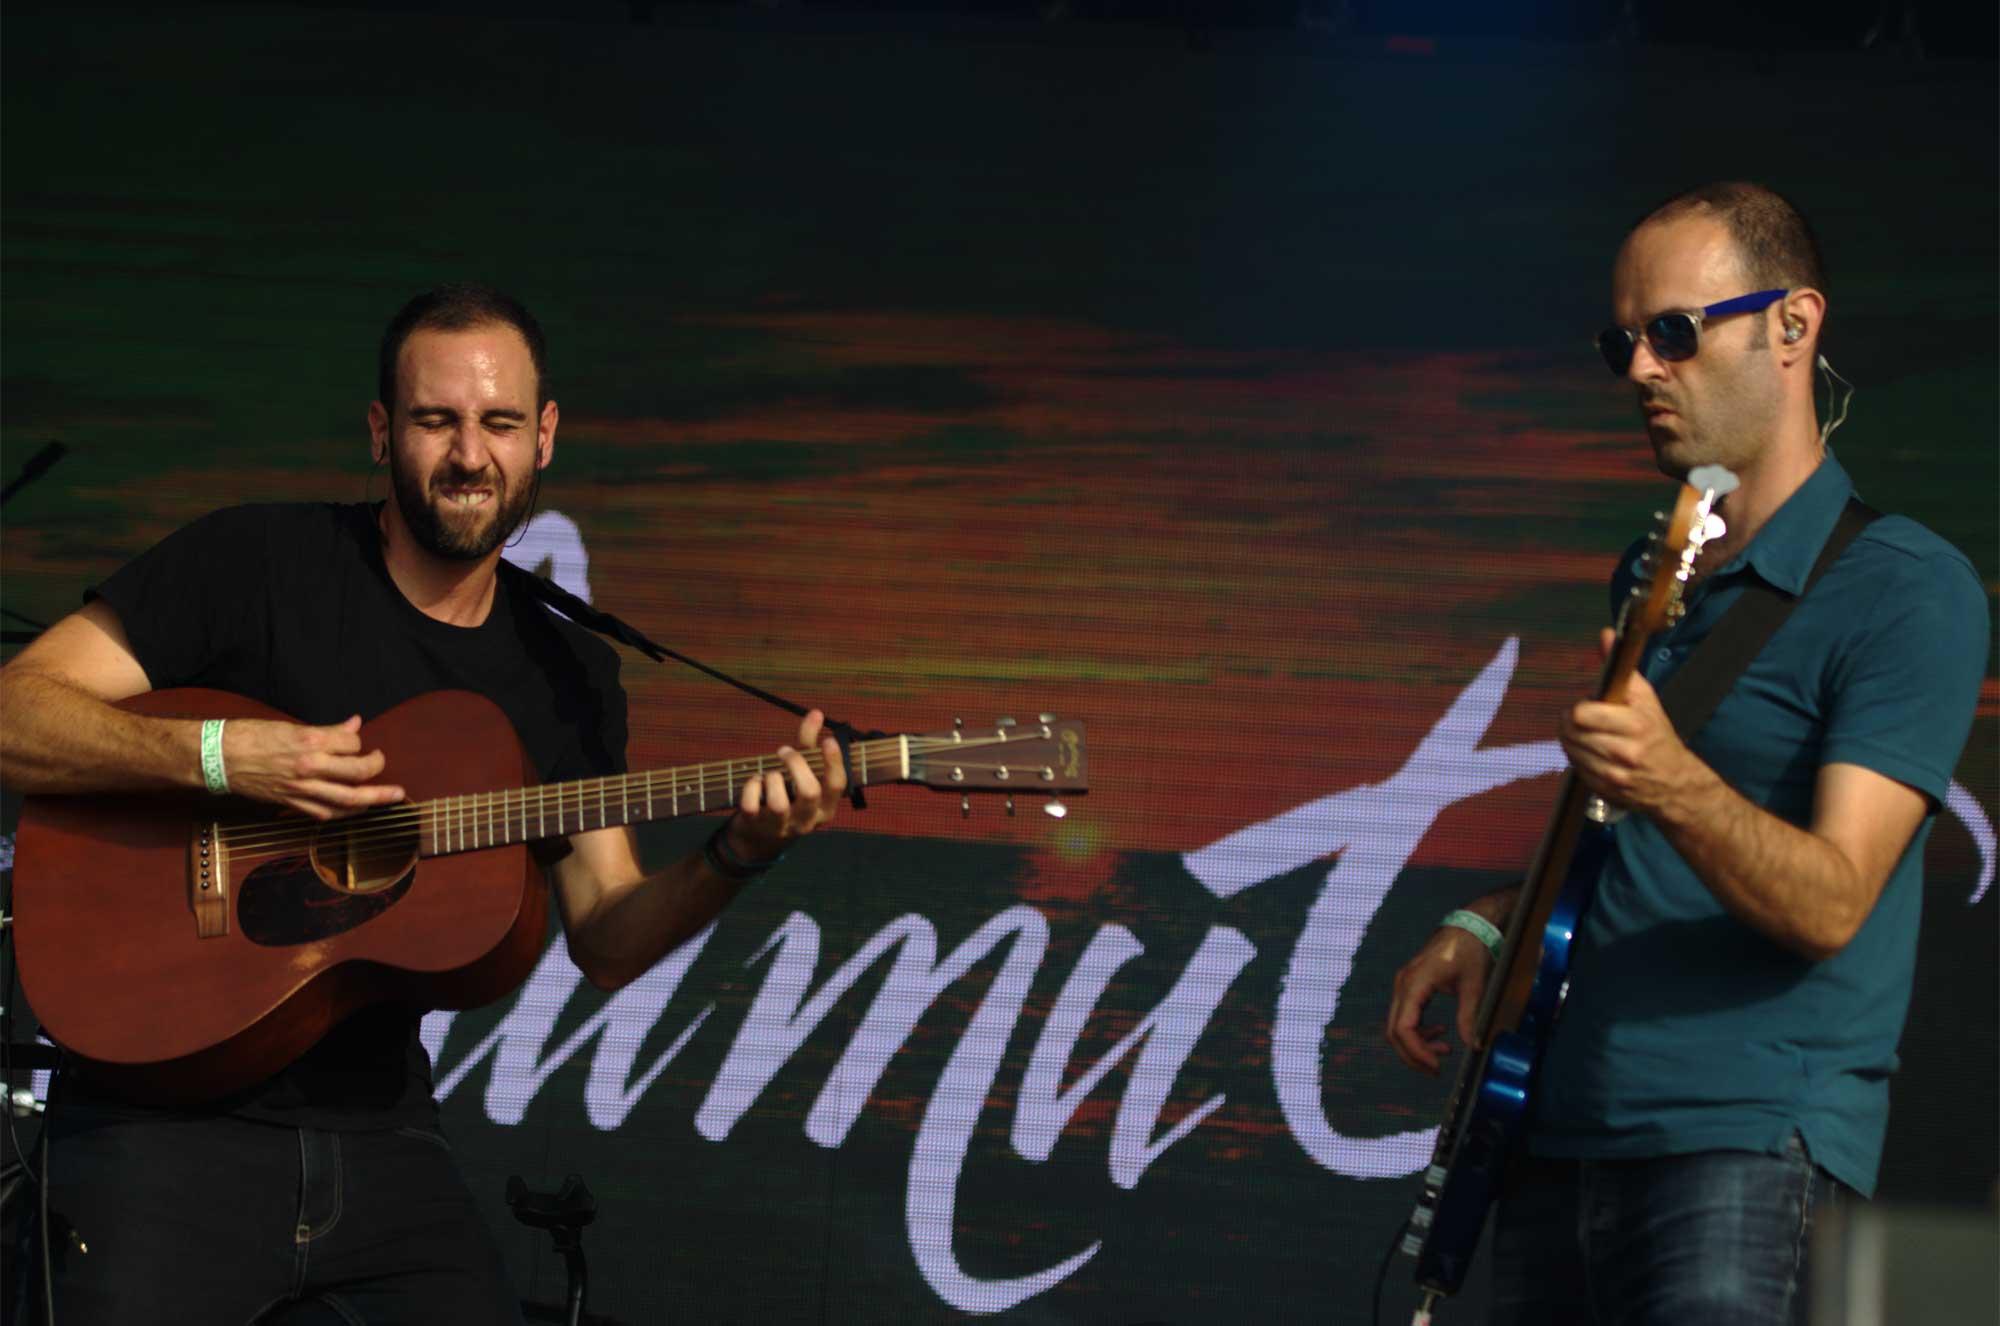 El Último Ke Cierre, Blaumut y Joan Rovira, en la Fiesta Mayor de Sant Carles de la Ràpita2016